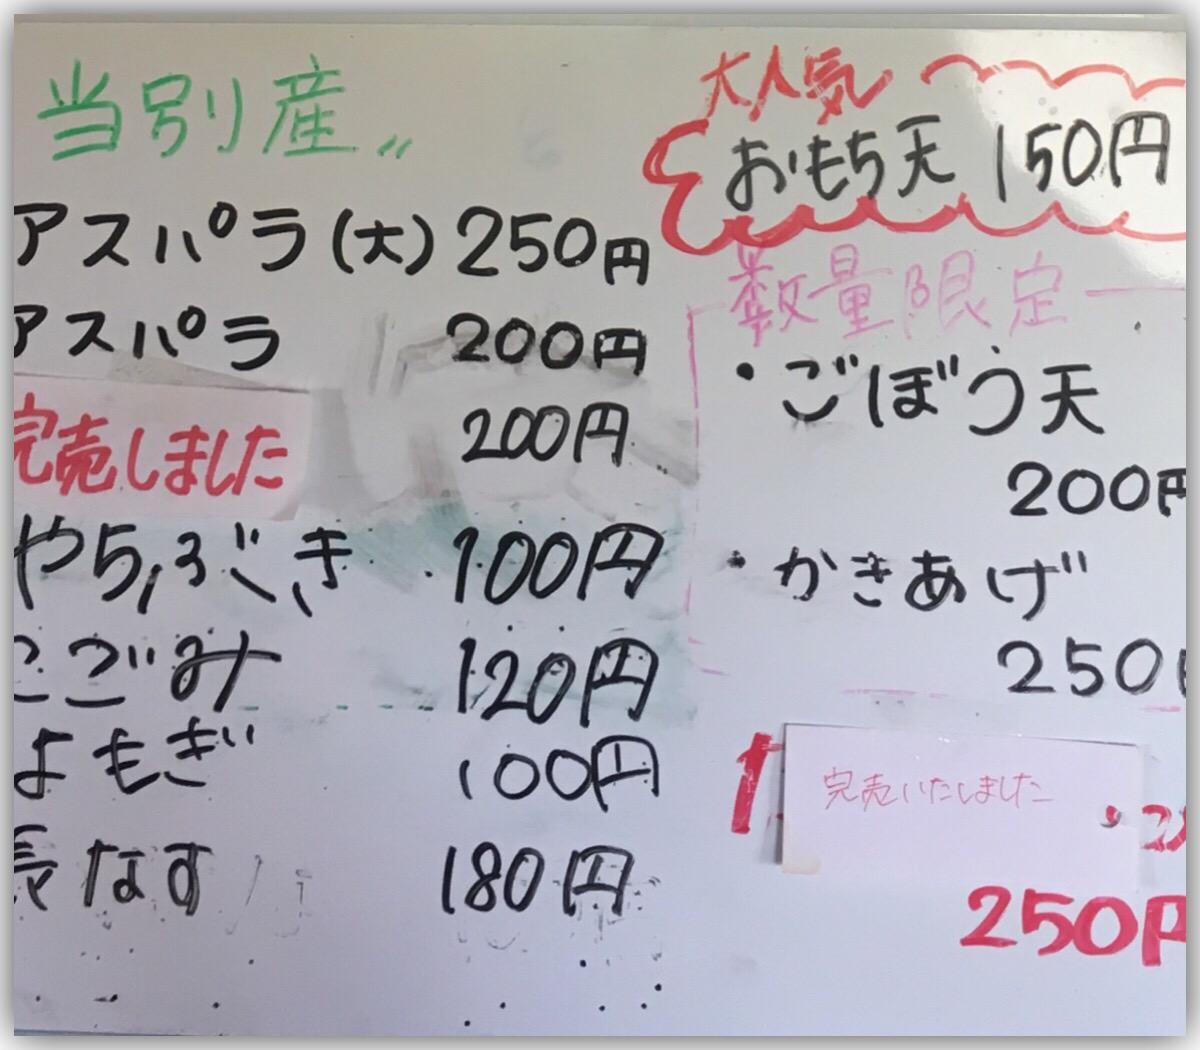 ホワイトボードに書いてある天ぷらMenu表示と価格